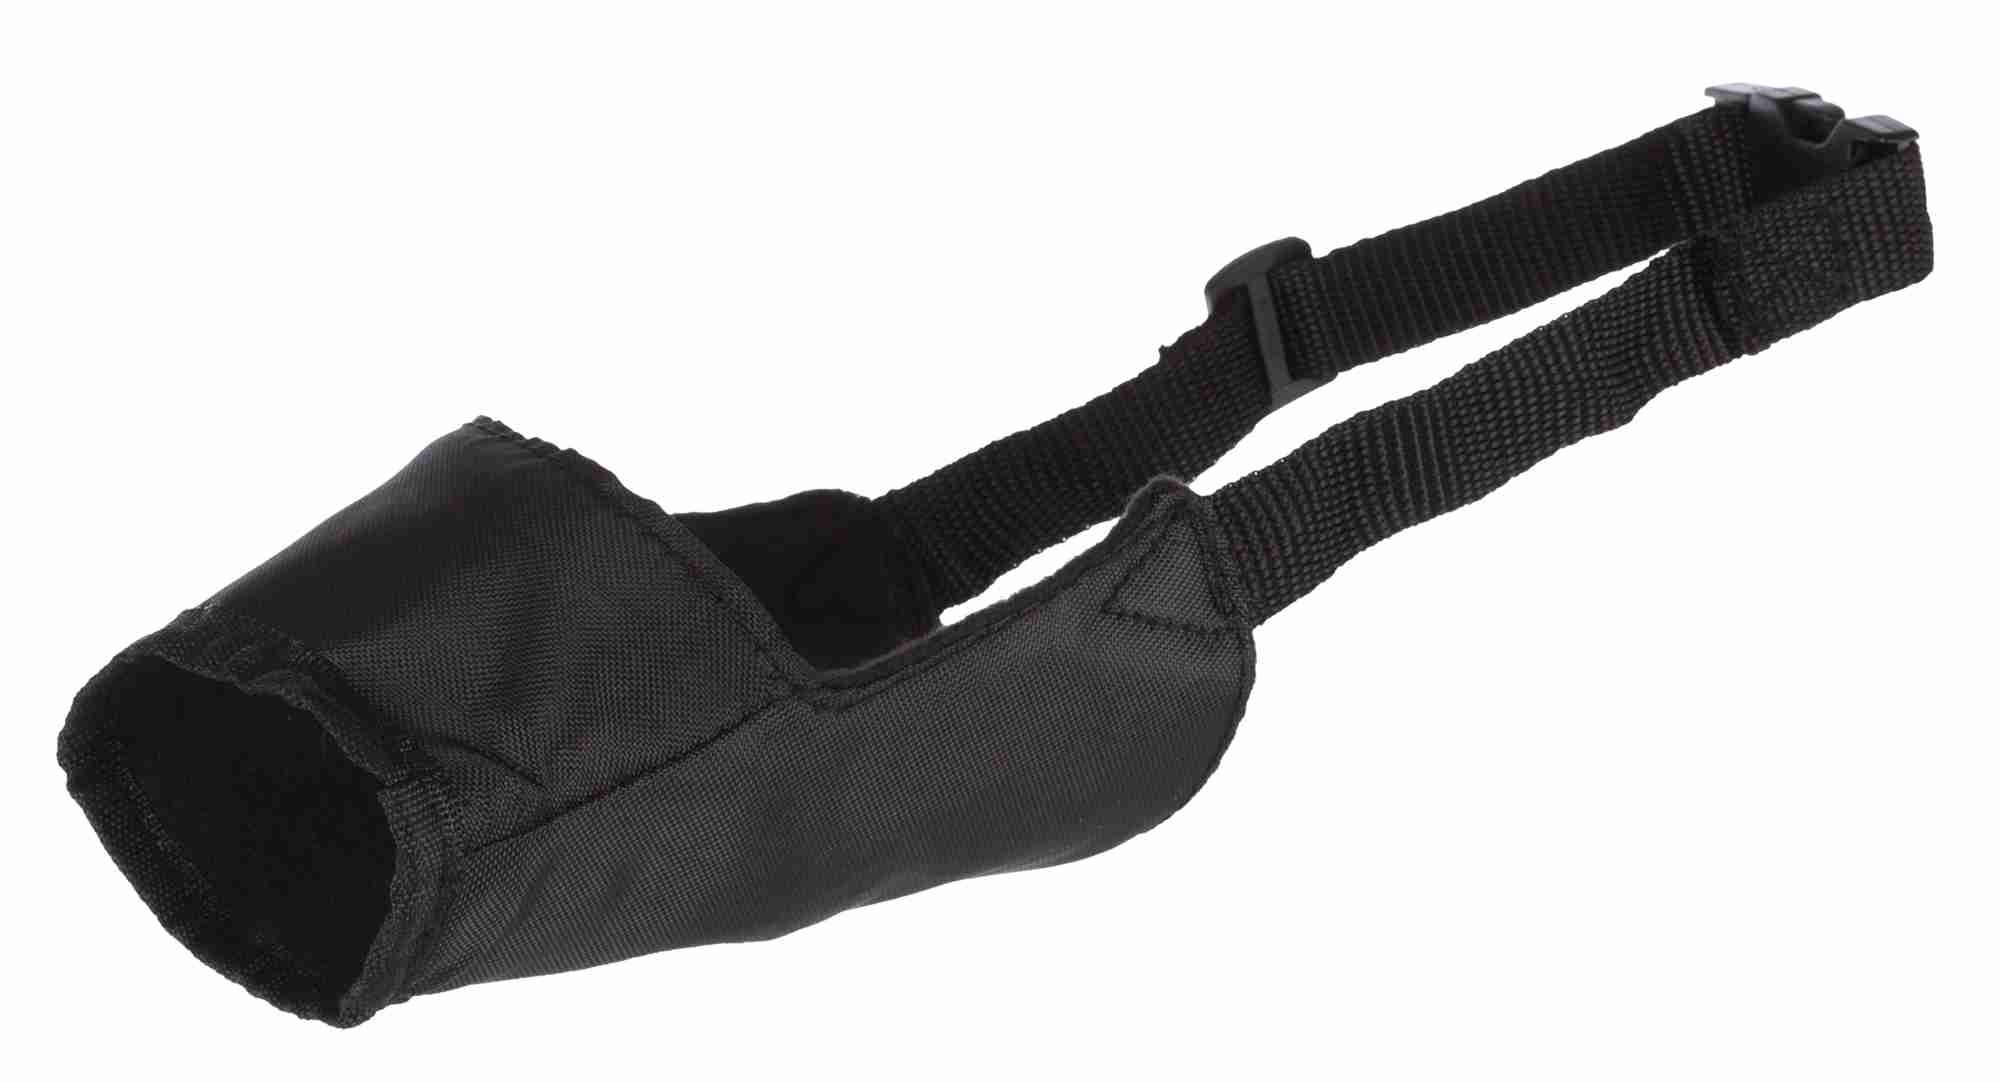 TRIXIE Maulkorb, Polyester TRIXIE Maulkorb, Polyester, L: 16–44 cm, schwarz